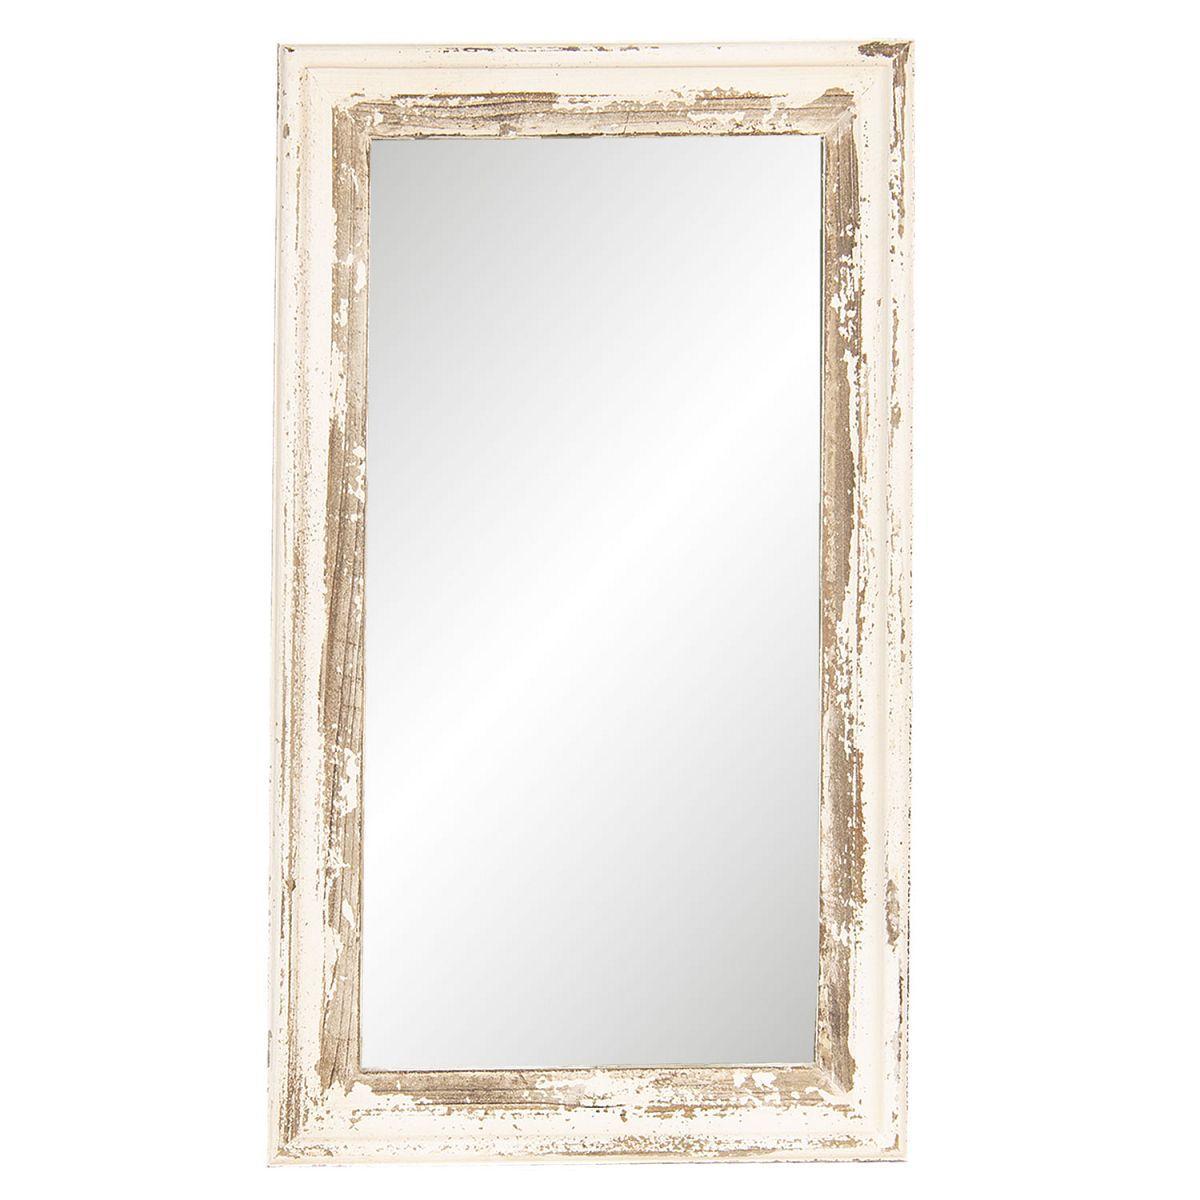 1- Nástěnné zrcadlo patina